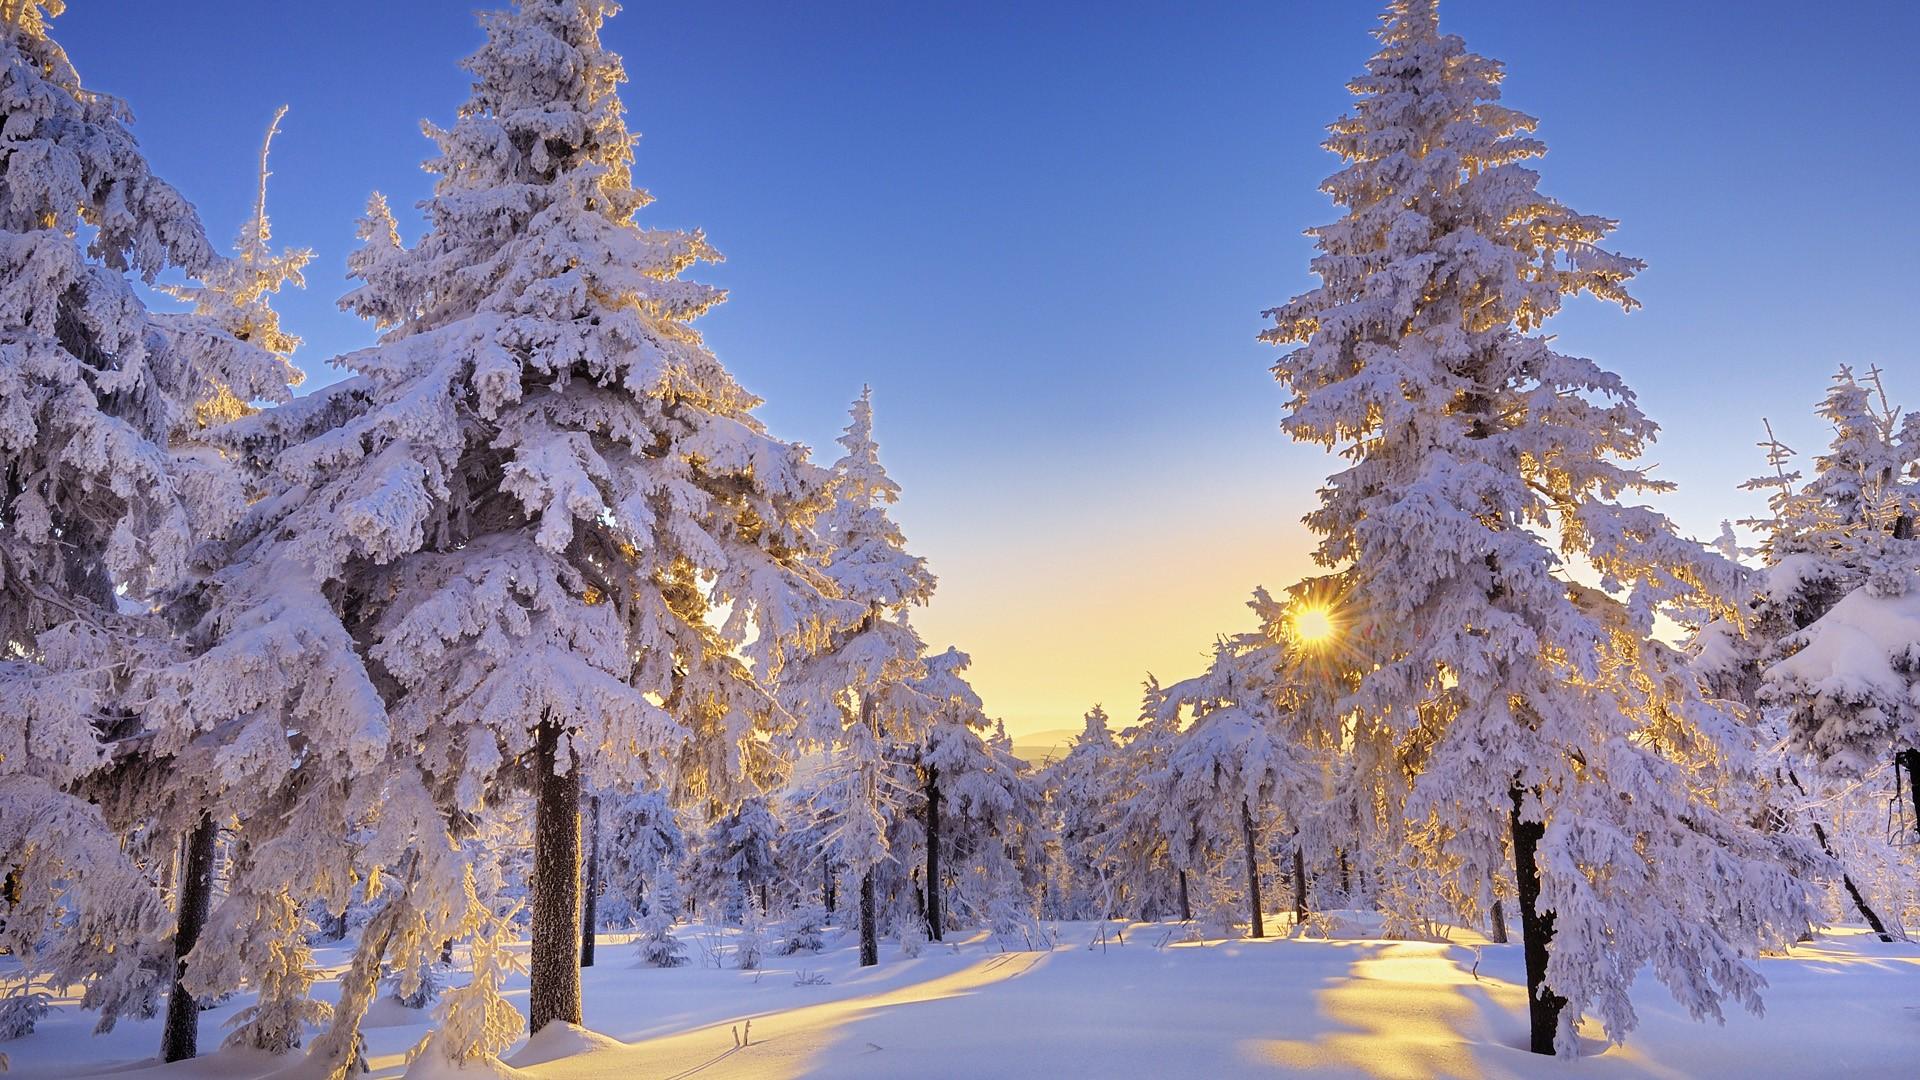 Winter Snow Wallpaper wallpaperhighresolutionxyz 1920x1080